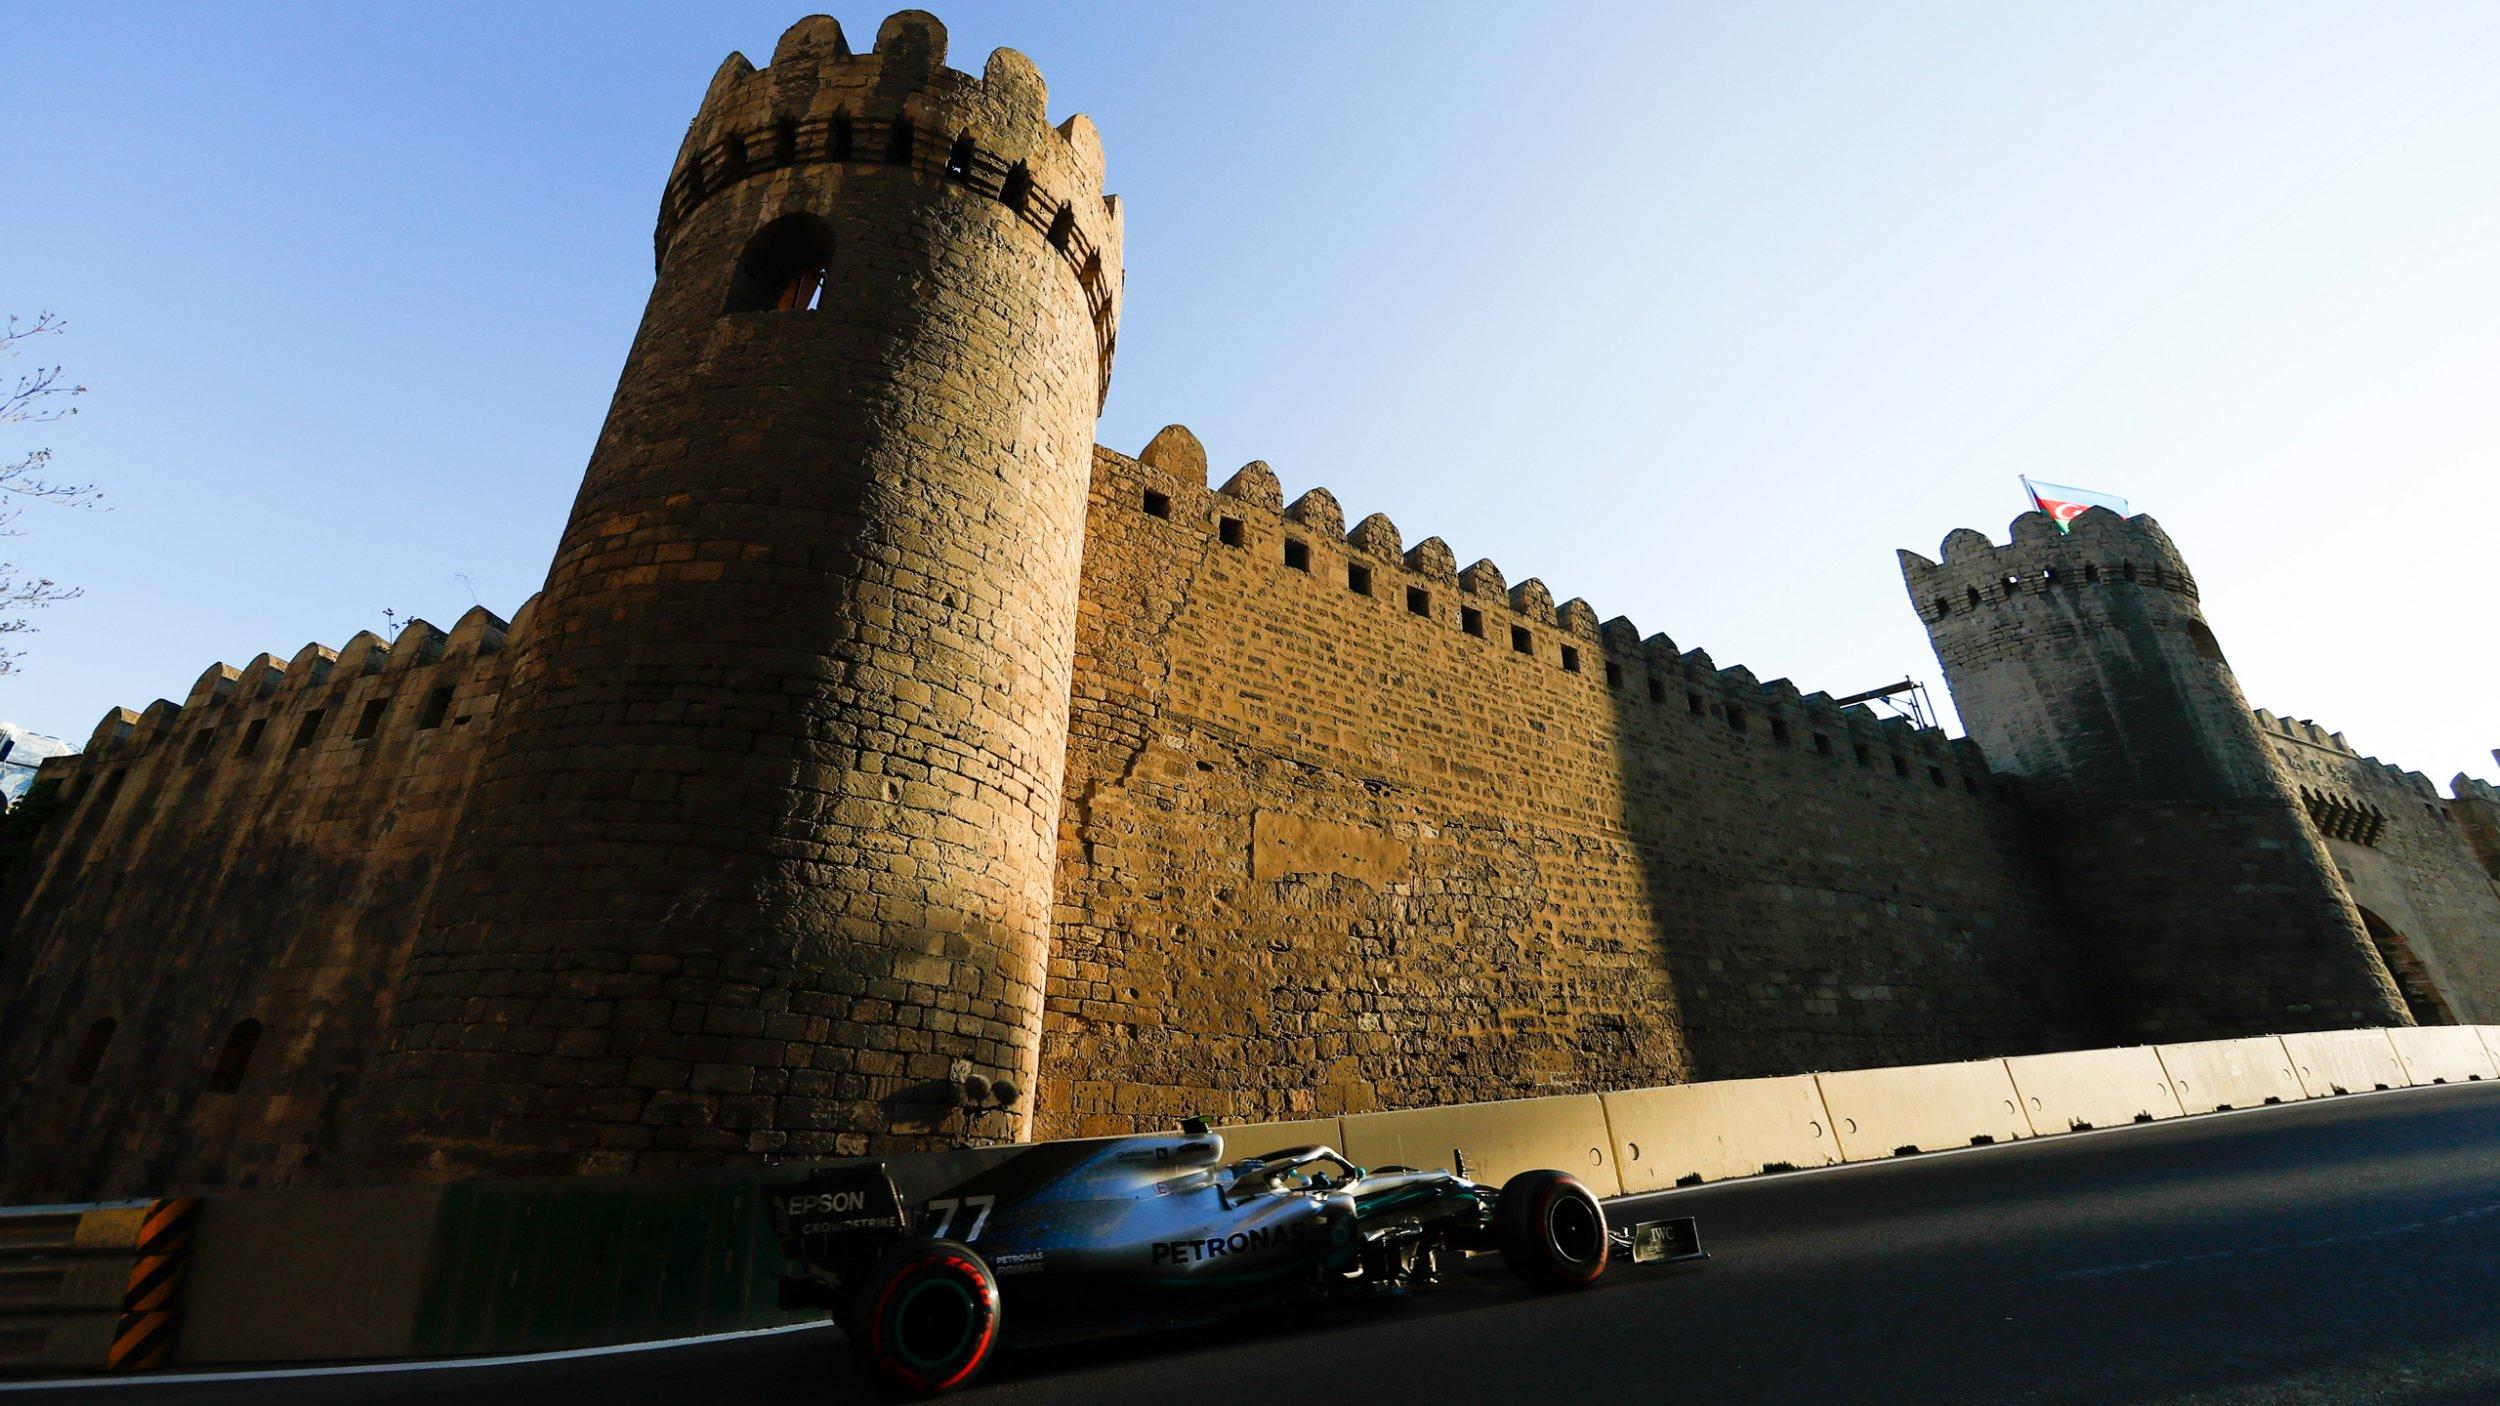 https://cloud.mb-lounge.com/files/HQ-Events/Motorsport/Formel%201/event-calendar-mercedes-benz-formula-1-grand-prix-azerbaijan-2560x1440.jpg